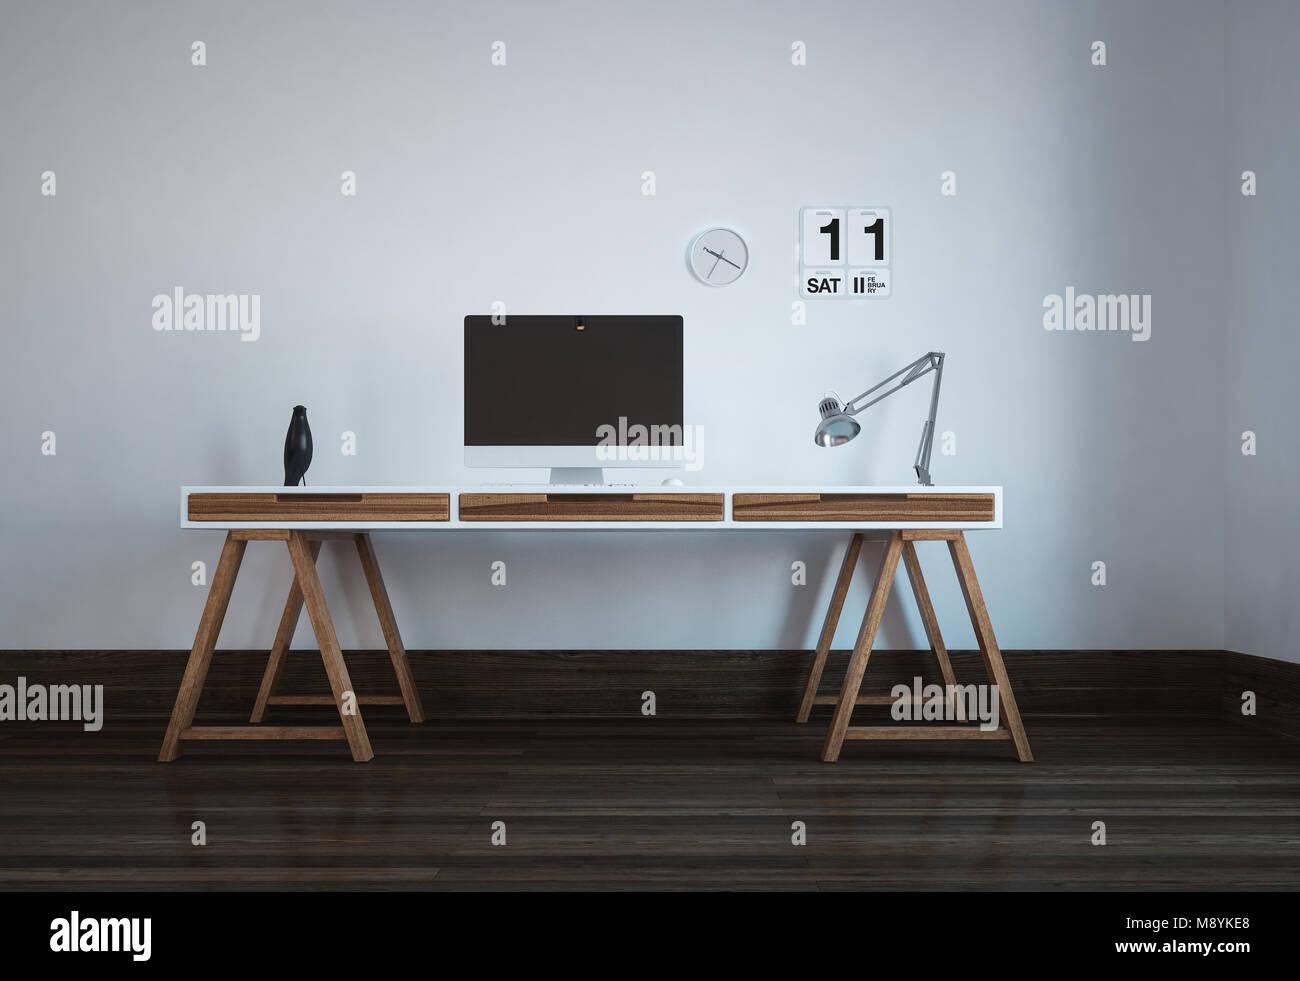 Ufficio Stile Moderno : Postazione di lavoro ordinata in uno stile minimalista moderno